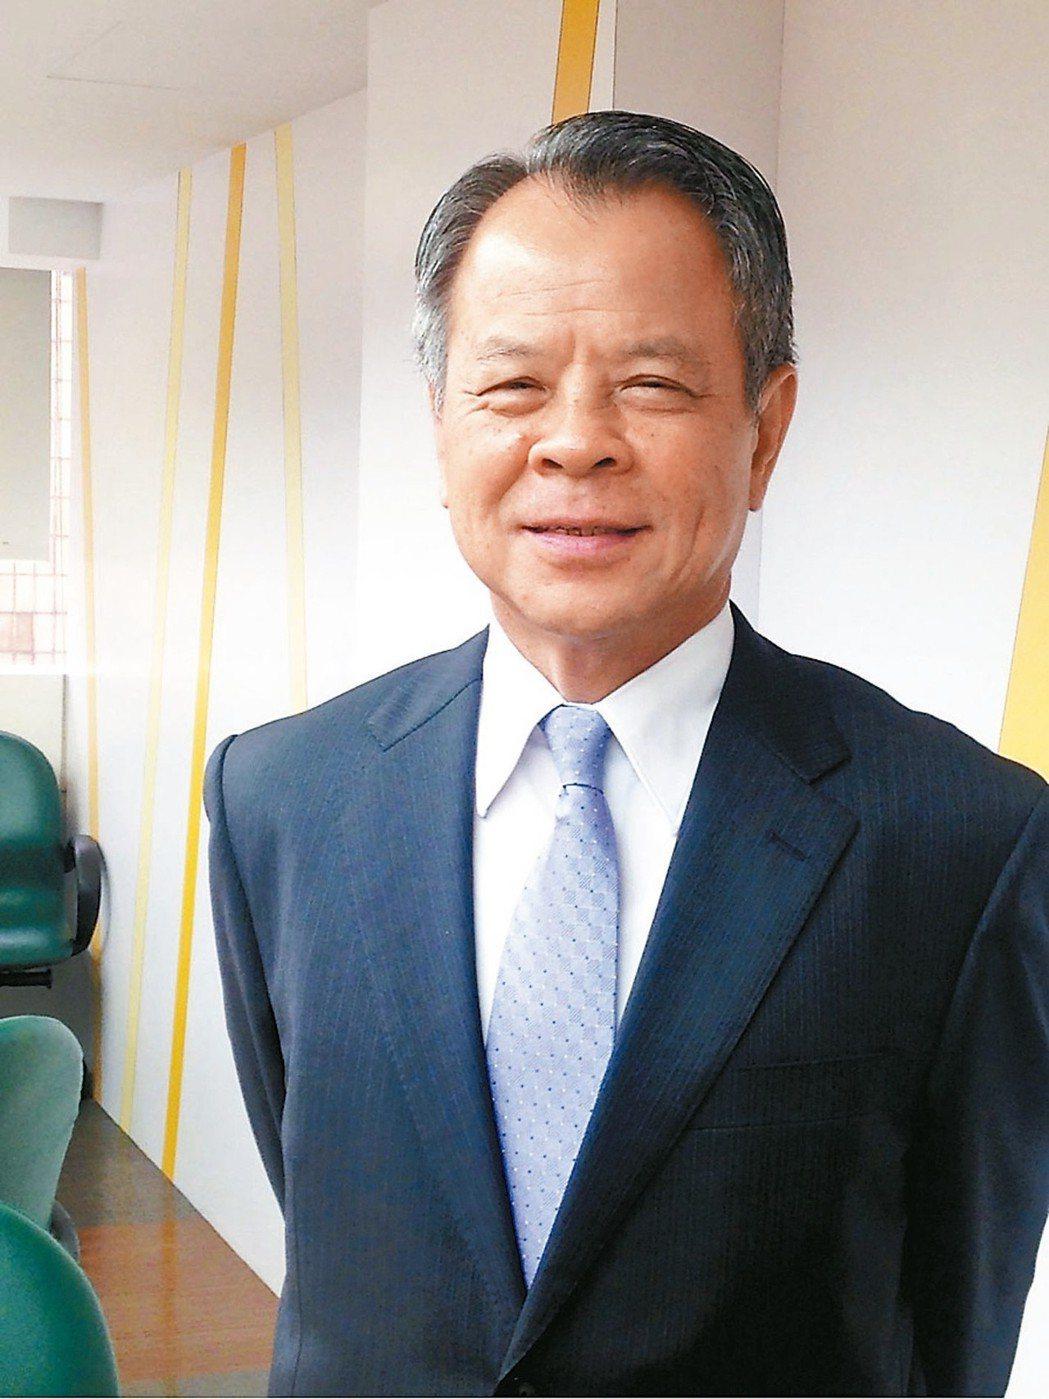 陳燦煌(產險公會理事長) 推動農業保險對台灣來講挑戰蠻大的,各縣市政府的財政狀...